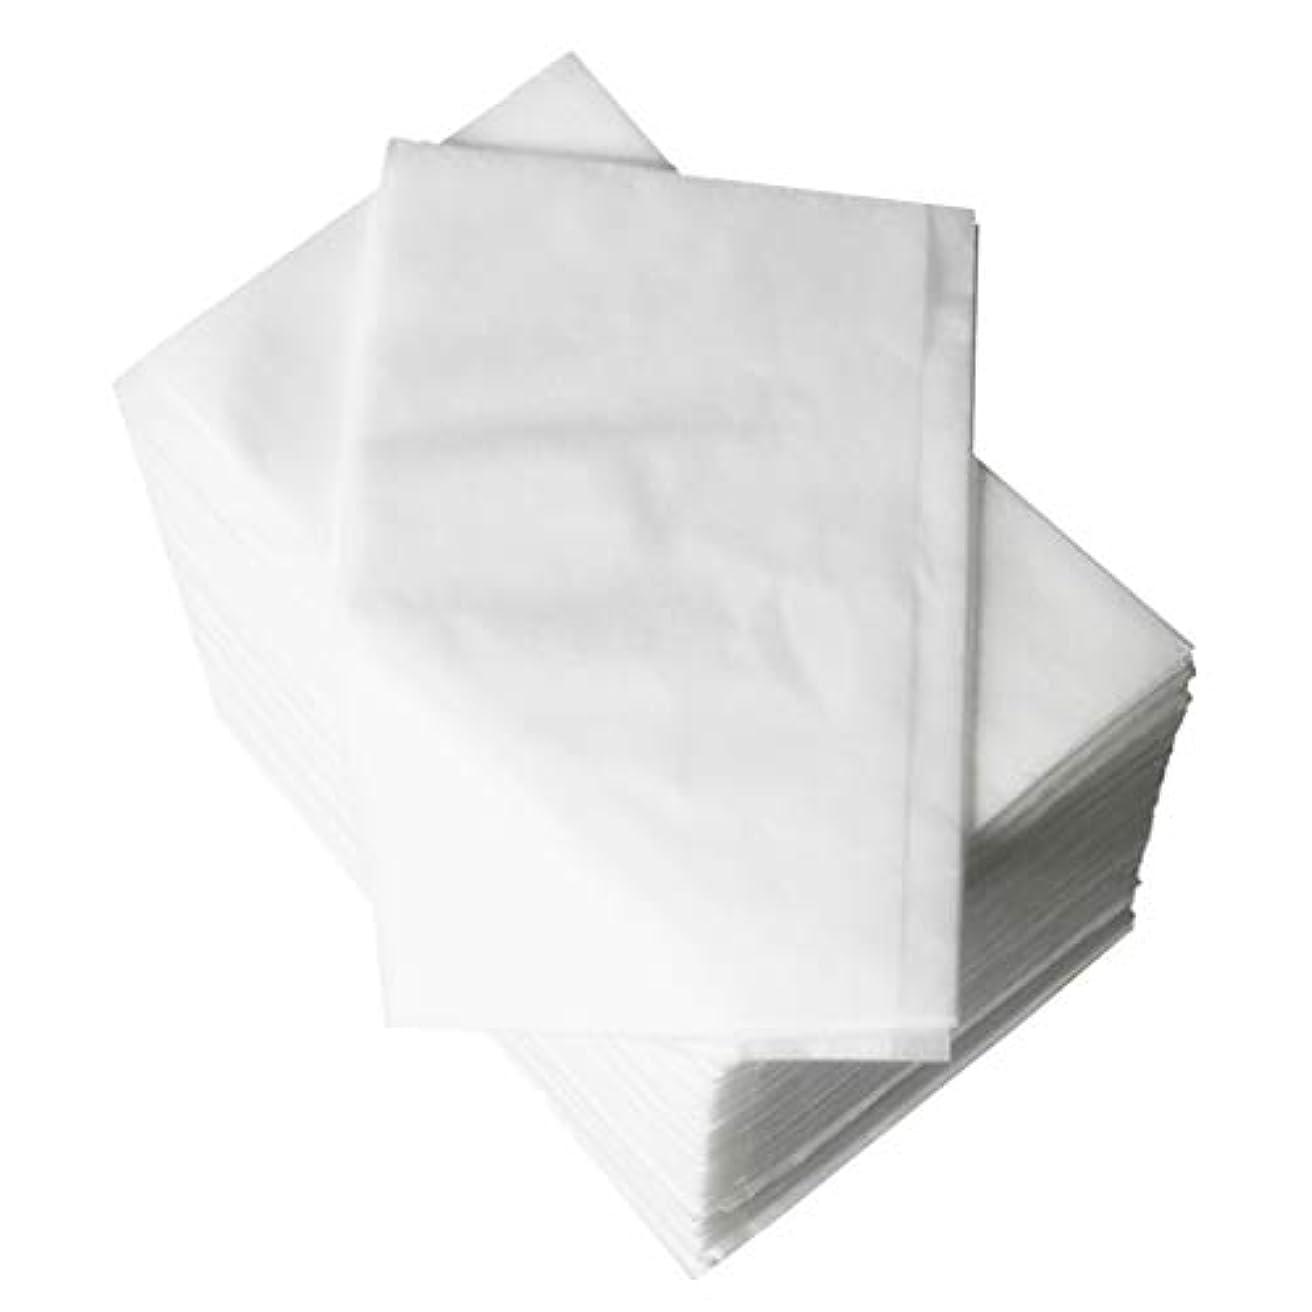 自治ブランドタクトP Prettyia 使い捨てベッドシーツ 美容シーツ 約80 x 180 cm 約100個 全2色 - 白